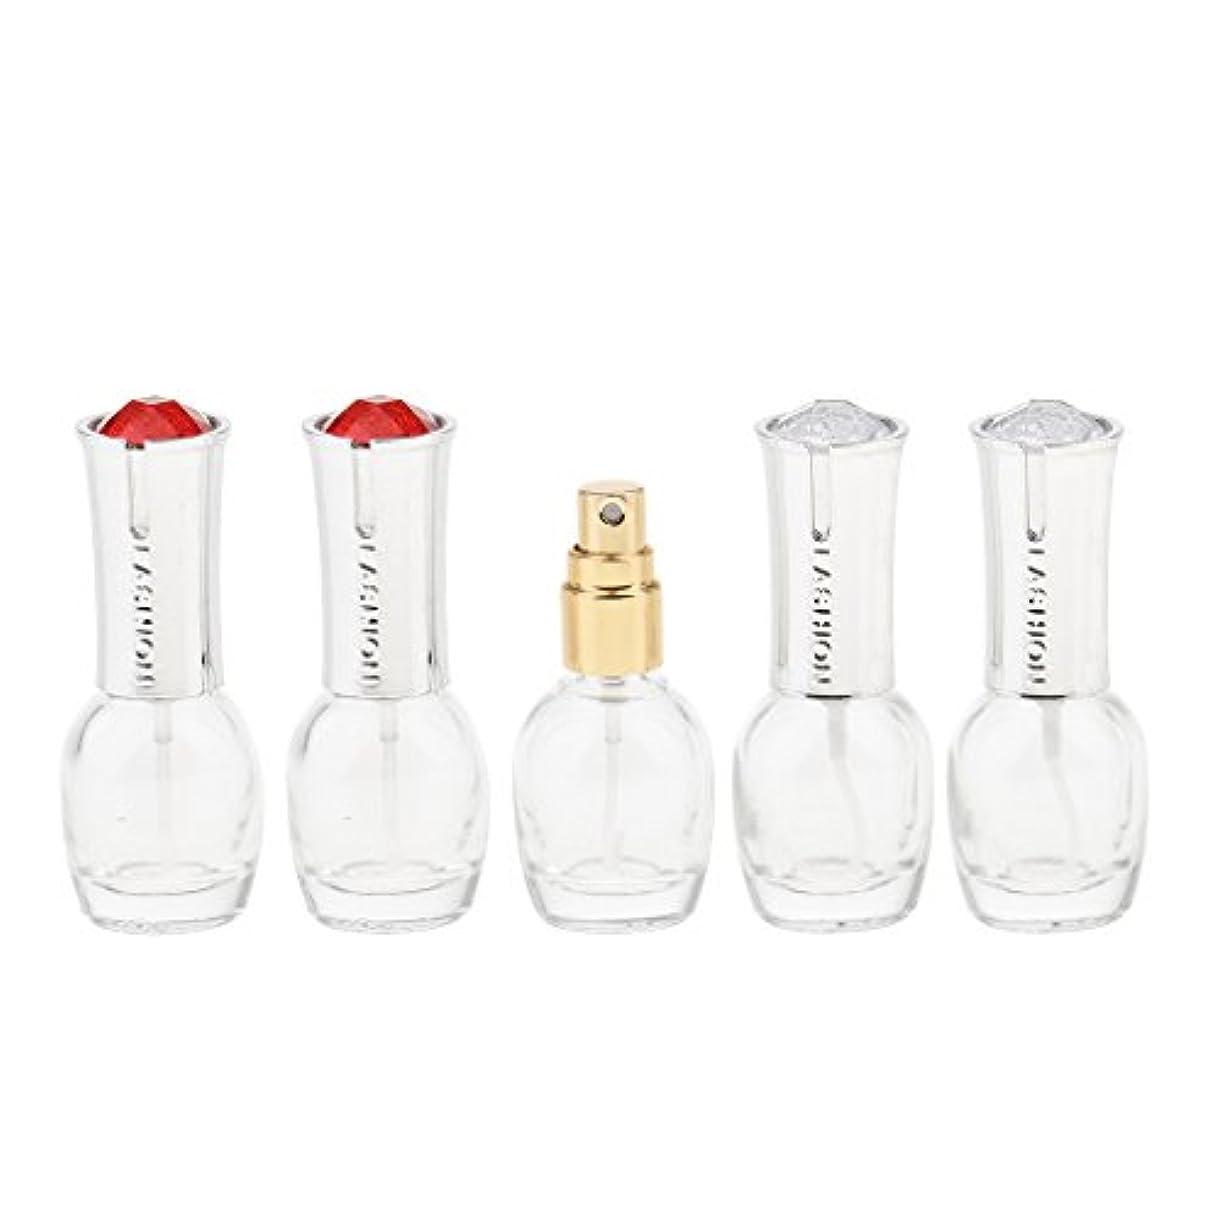 一人で自動的にモール5個 ガラス 香水ボトル 空のガラスエッセンシャル オイル 香水 アトマイザー スプレーボトル 10ml 旅行